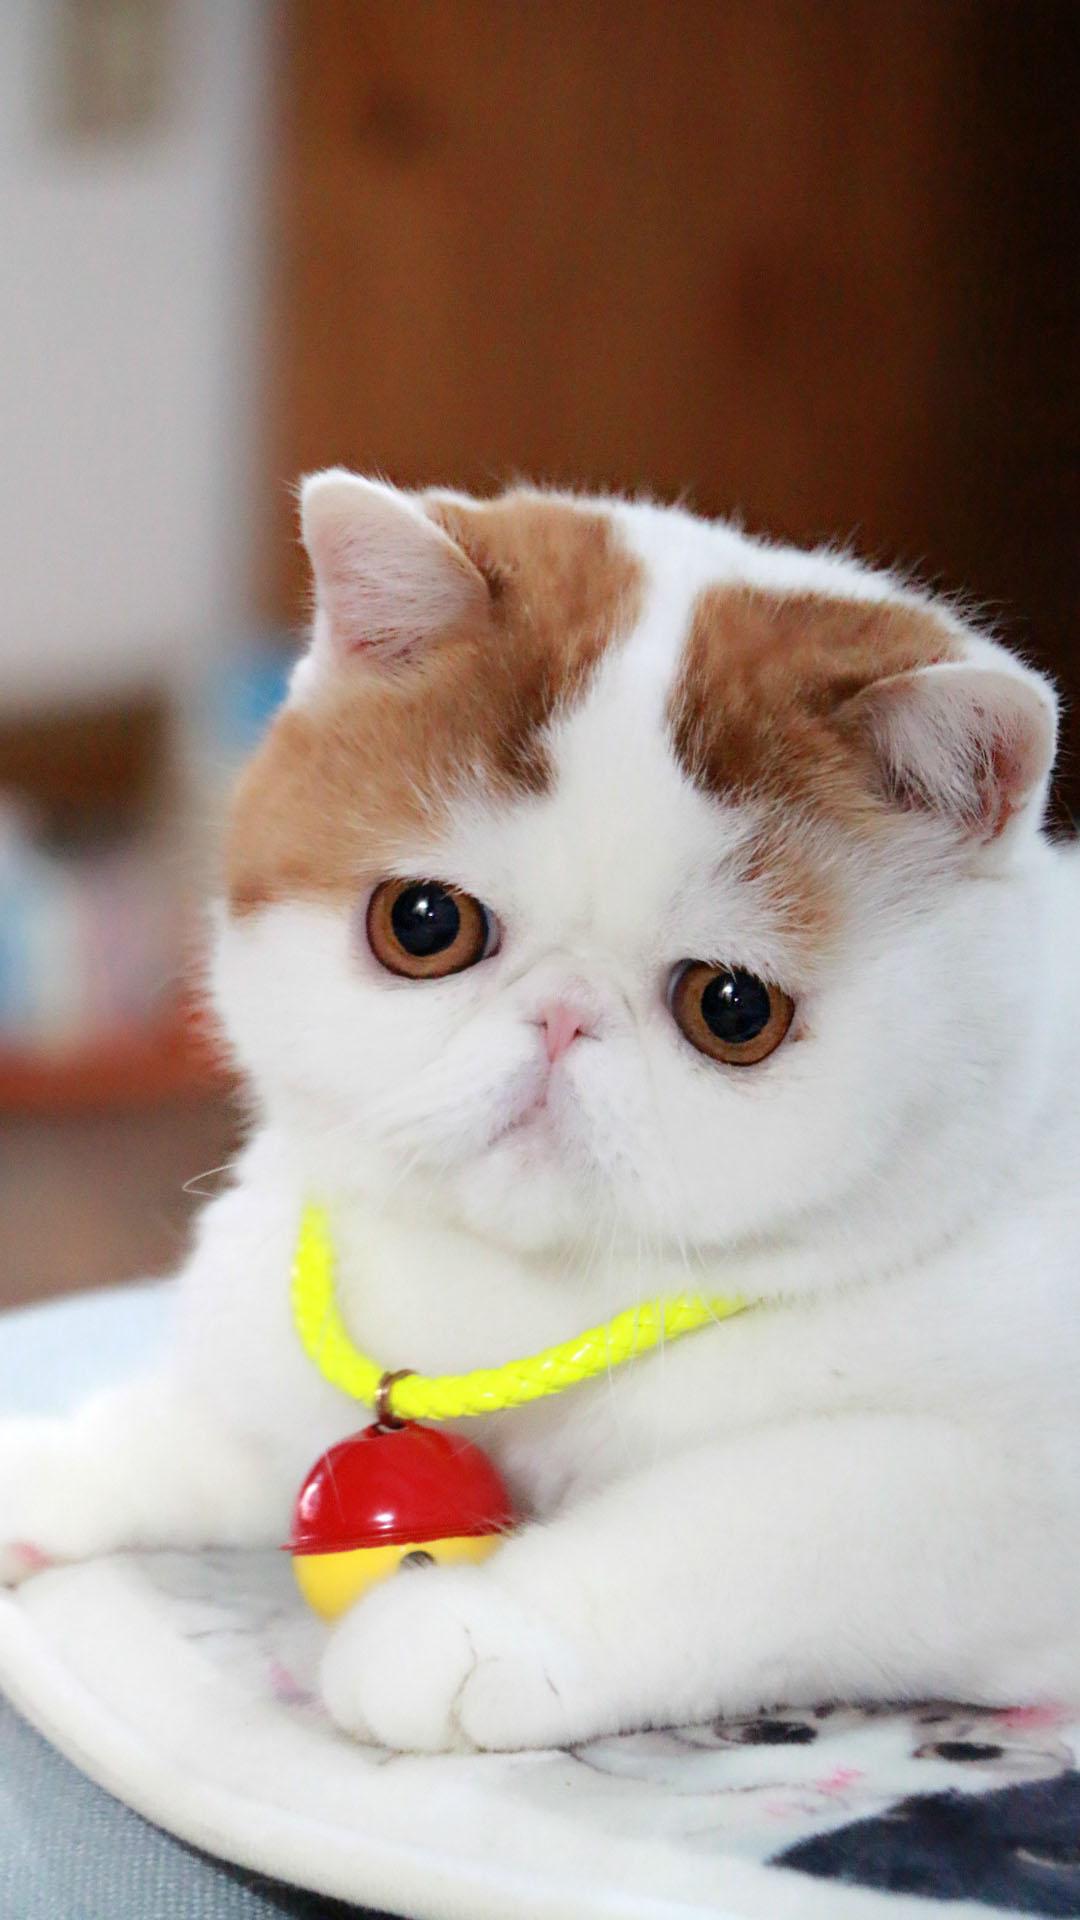 可爱超萌大肥猫图片iphone7锁屏壁纸,由mm4000图片大全精心为您收集整理。这猫咪主人是给它吃得有多好,看起来肥肥的很有肉感哟,简直太可爱了!!更多猫咪图片手机壁纸尽请关注mm4000图片大全!!